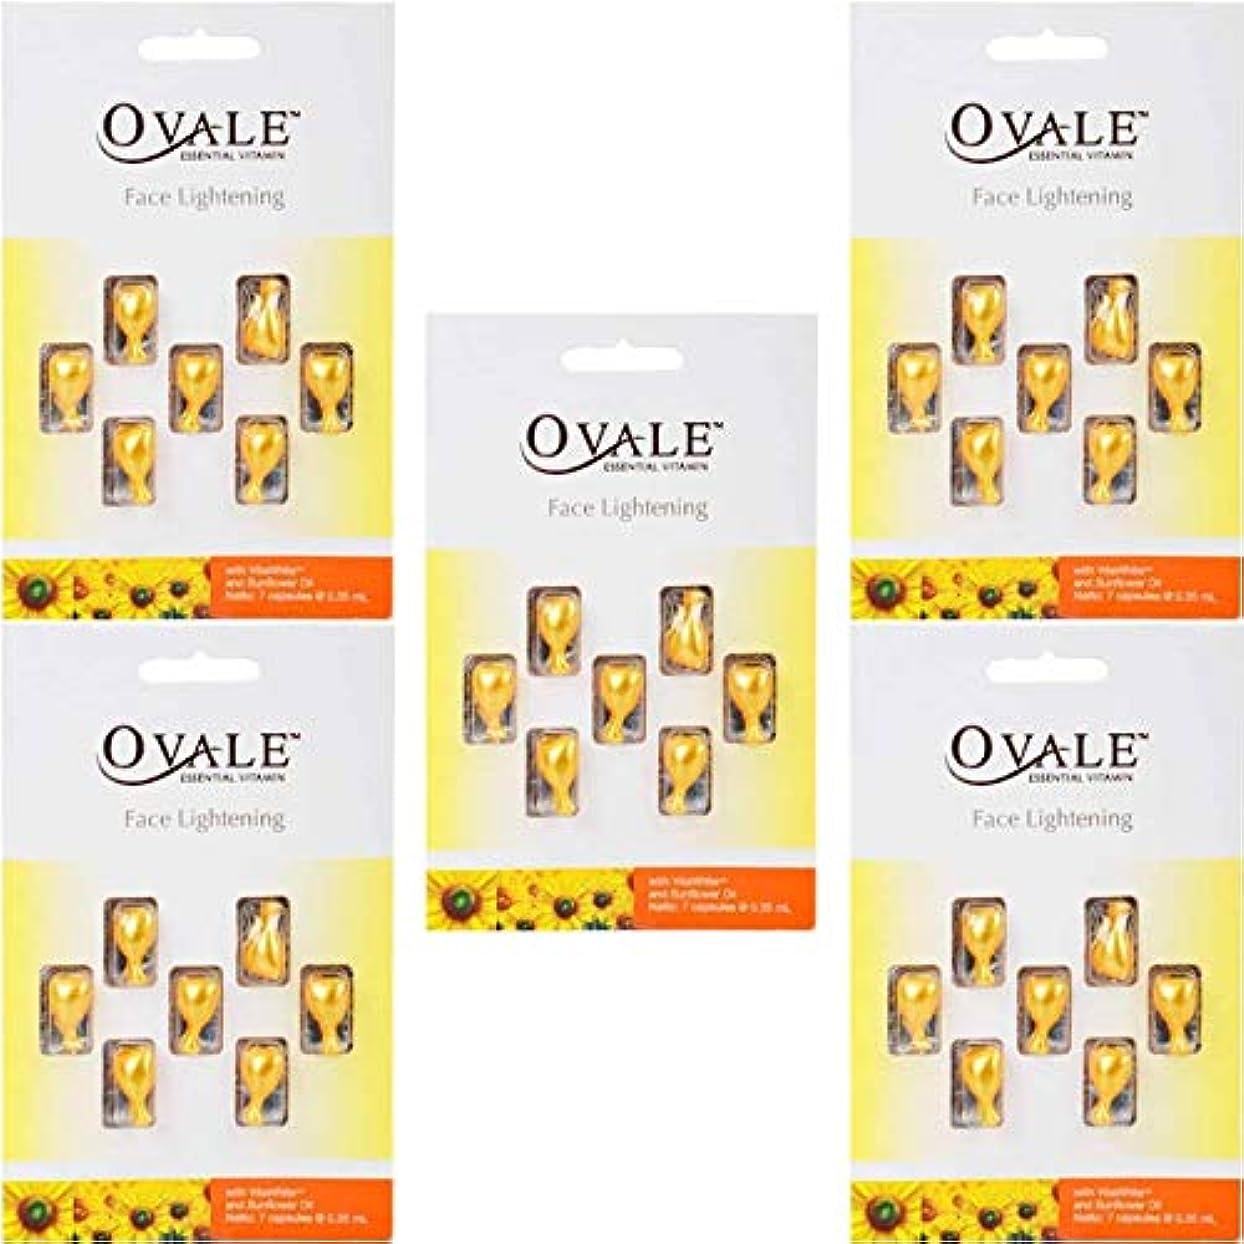 良性畝間国歌Ovale オーバル フェイシャル美容液 essential vitamin エッセンシャルビタミン 7粒入シート×5枚セット サンフラワー [海外直送品]